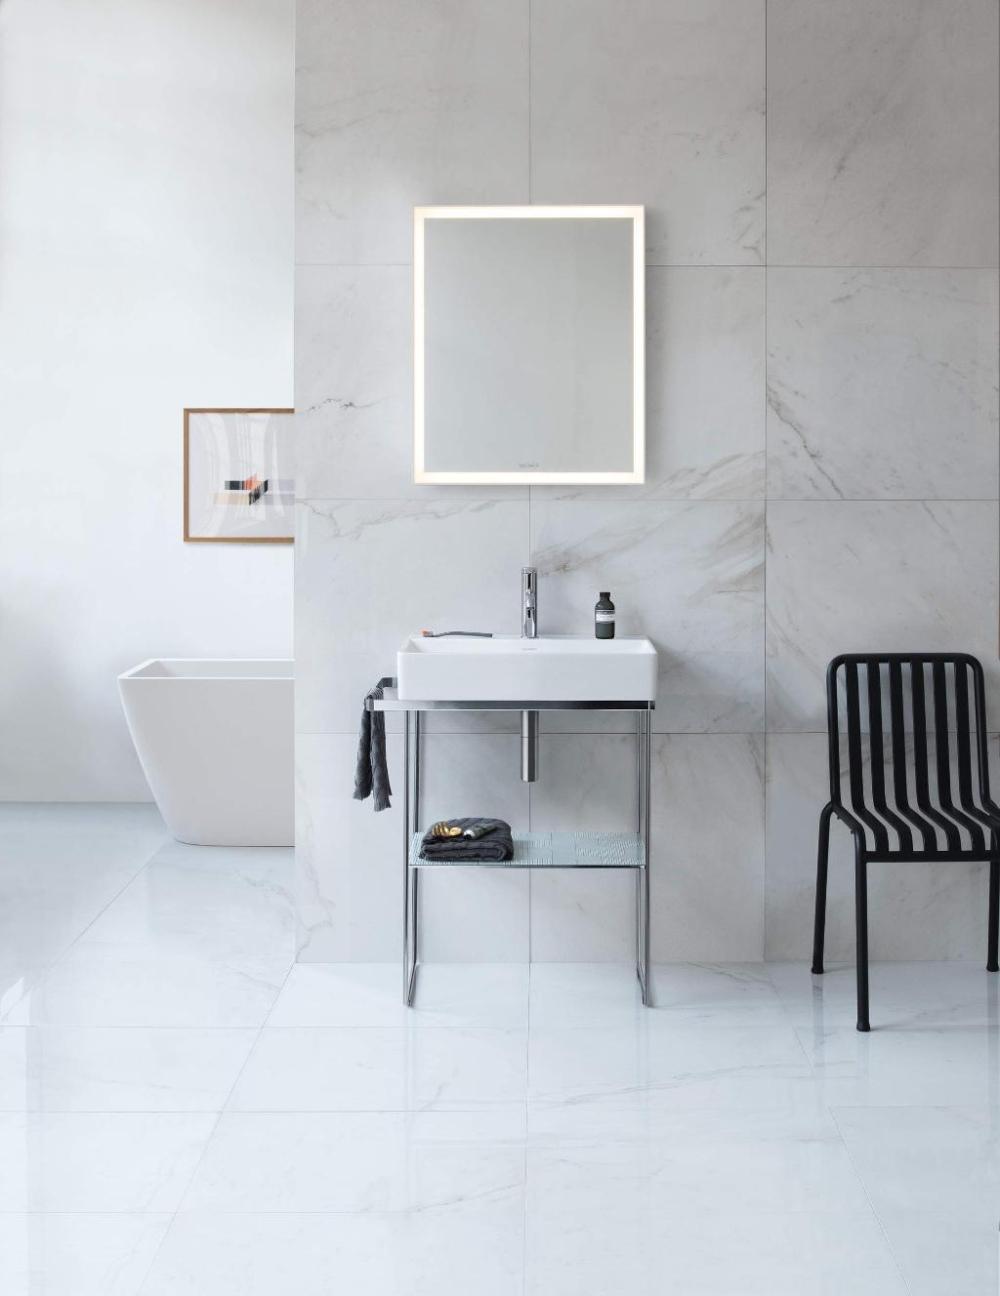 łazienka Z Marmurem 6 Pomysłów Jak Wykorzystać Marmur W